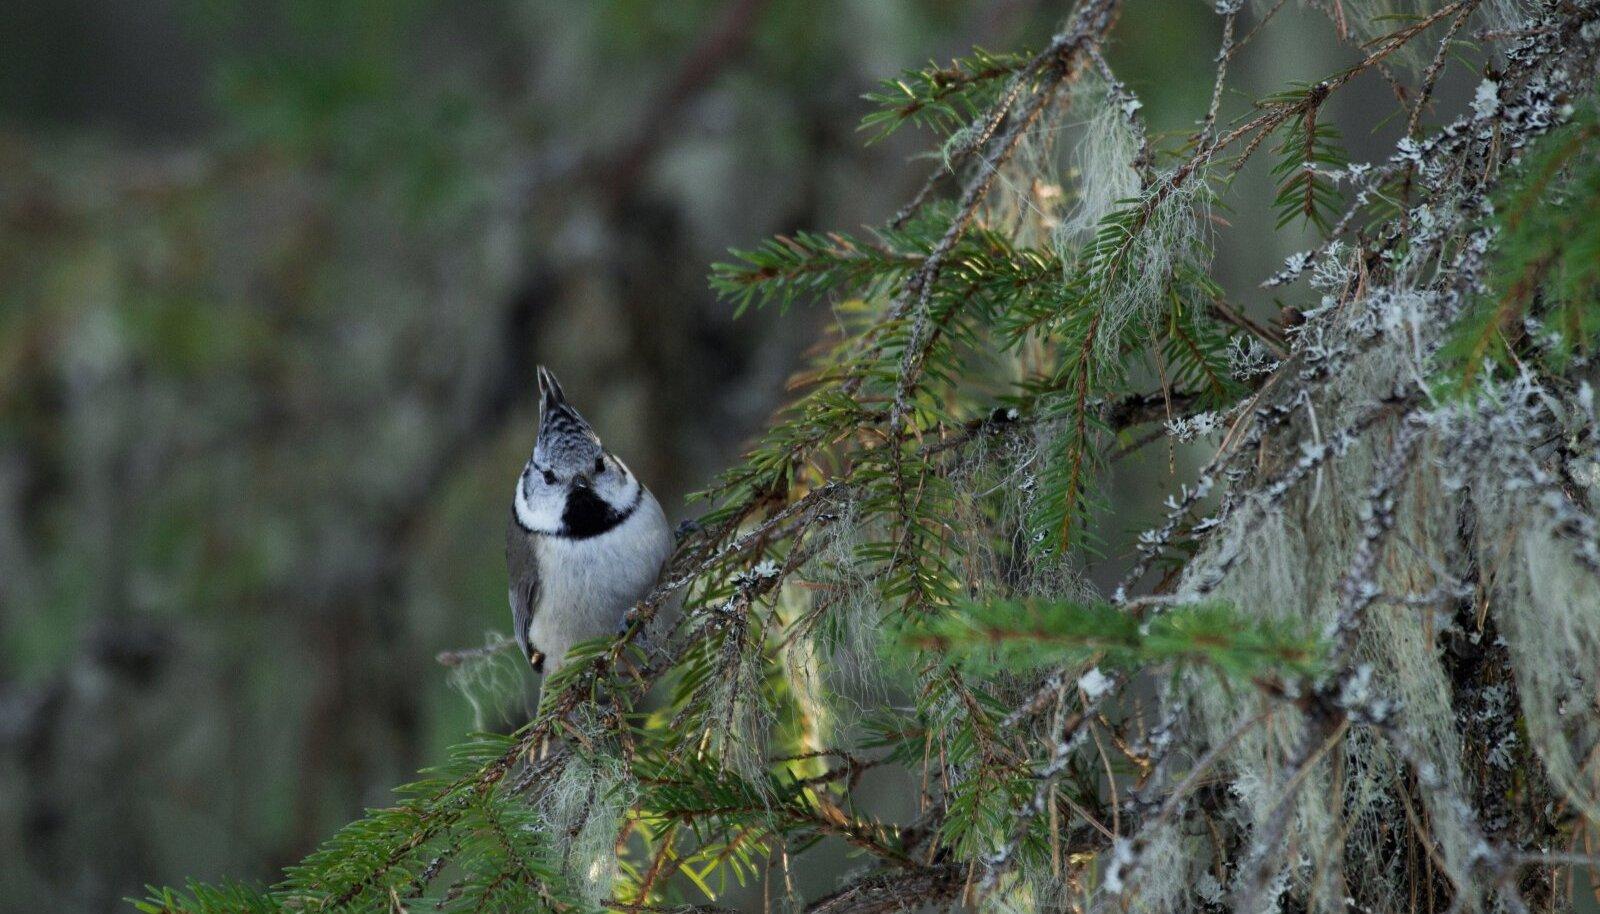 Terav musta-valgekirju suletutt hoiab teda lahus muudest tihastest, andes linnukesele nime ning reipa ja asjaliku väljanägemise.